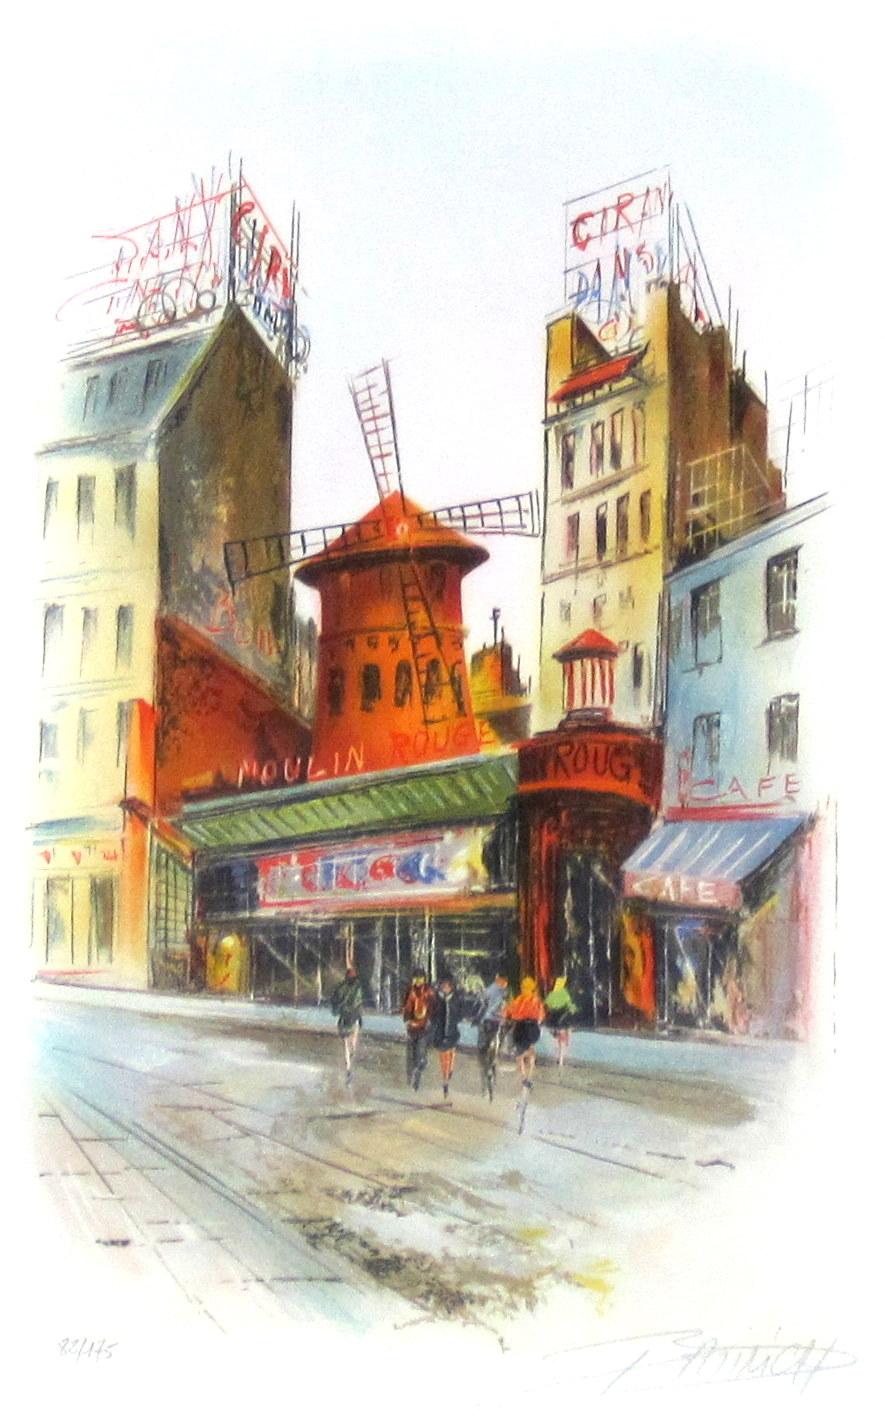 フランス風景画・バティニック「ムーランルージュ」リトグラフ・額寸445×545mm